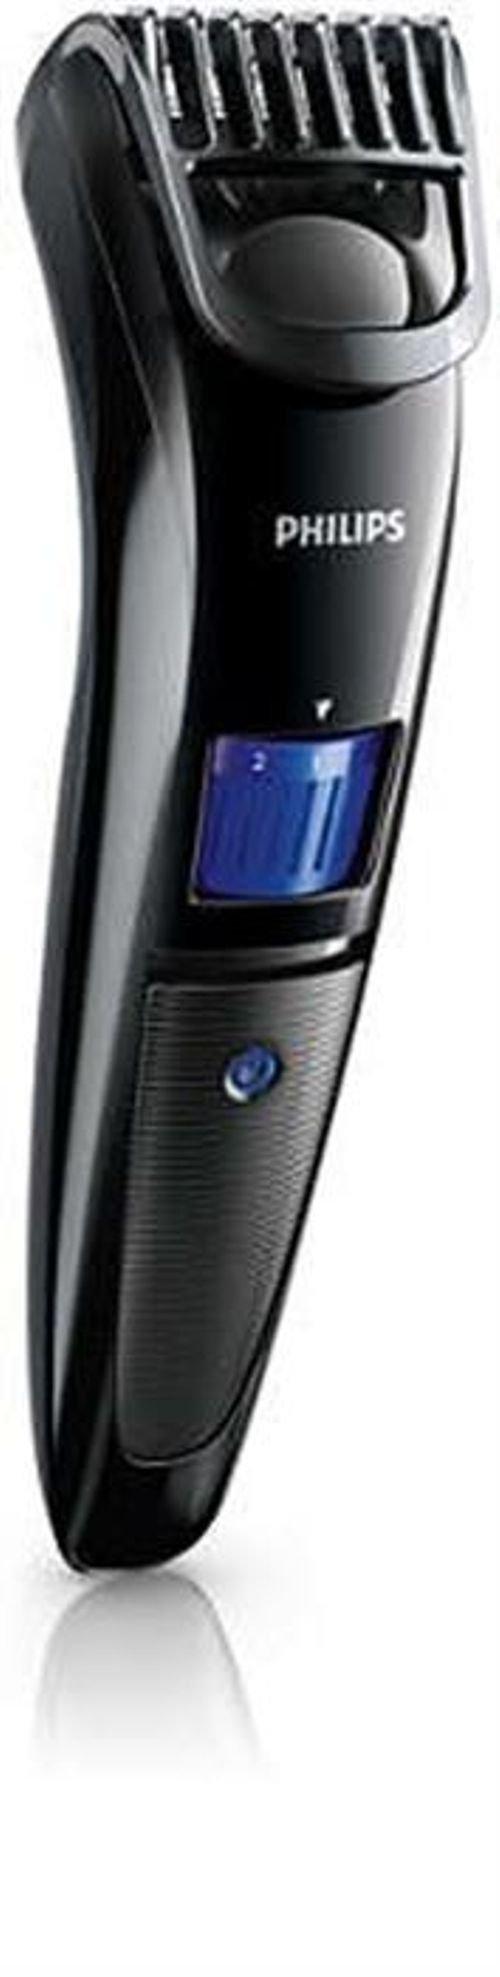 ماكينة حلاقة سلسة 3000 من فيلبس QT4000/13